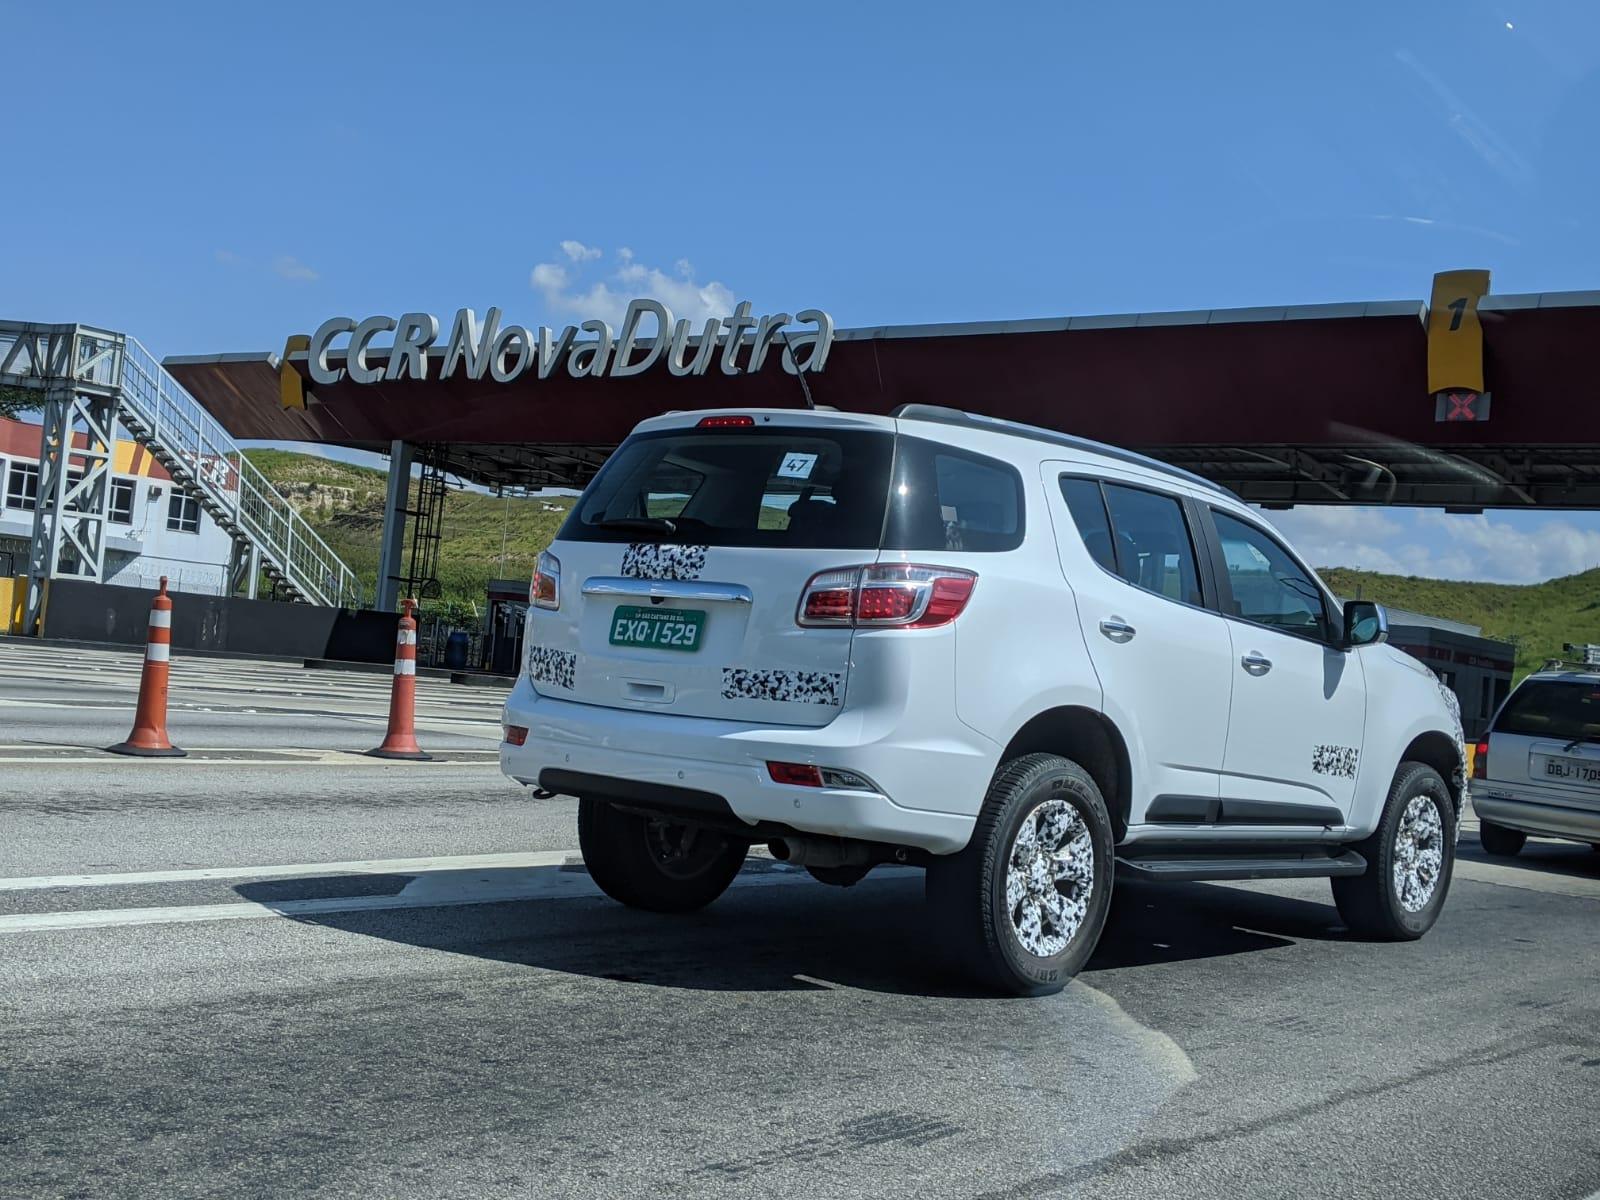 Chevrolet Trailbçazer branbco de traseira parado na fila do pedágio da Via Dutra com adesivos apenas nos nomes do carro e no emblema da Chevrolet